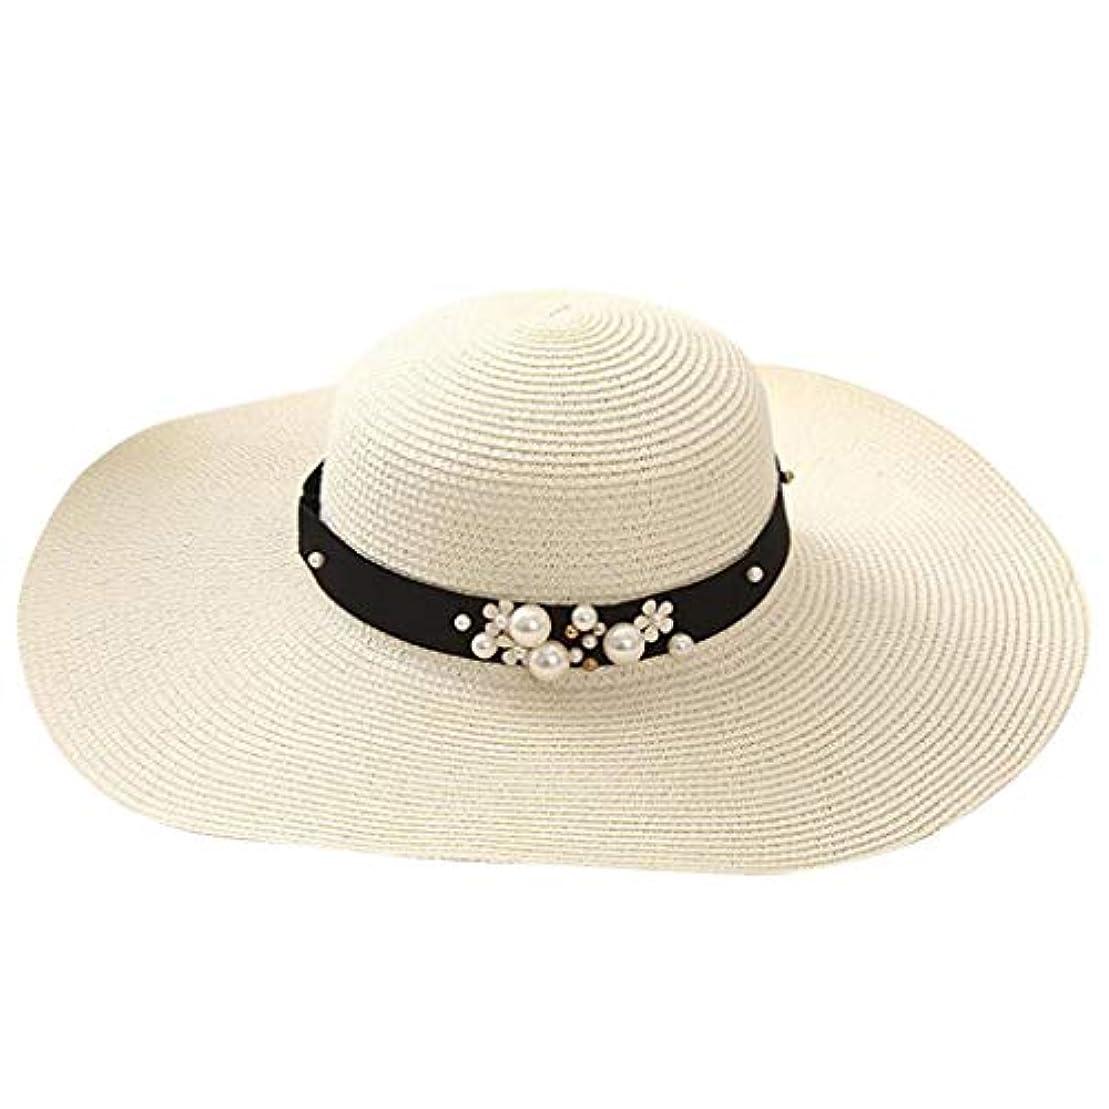 ユーザー移植逆漁師の帽子 ROSE ROMAN UVカット 帽子 帽子 レディース 麦わら帽子 UV帽子 紫外線対策 通気性 取り外すあご紐 サイズ調節可 つば広 おしゃれ 可愛い ハット 旅行用 日よけ 夏季 女優帽 小顔効果抜群